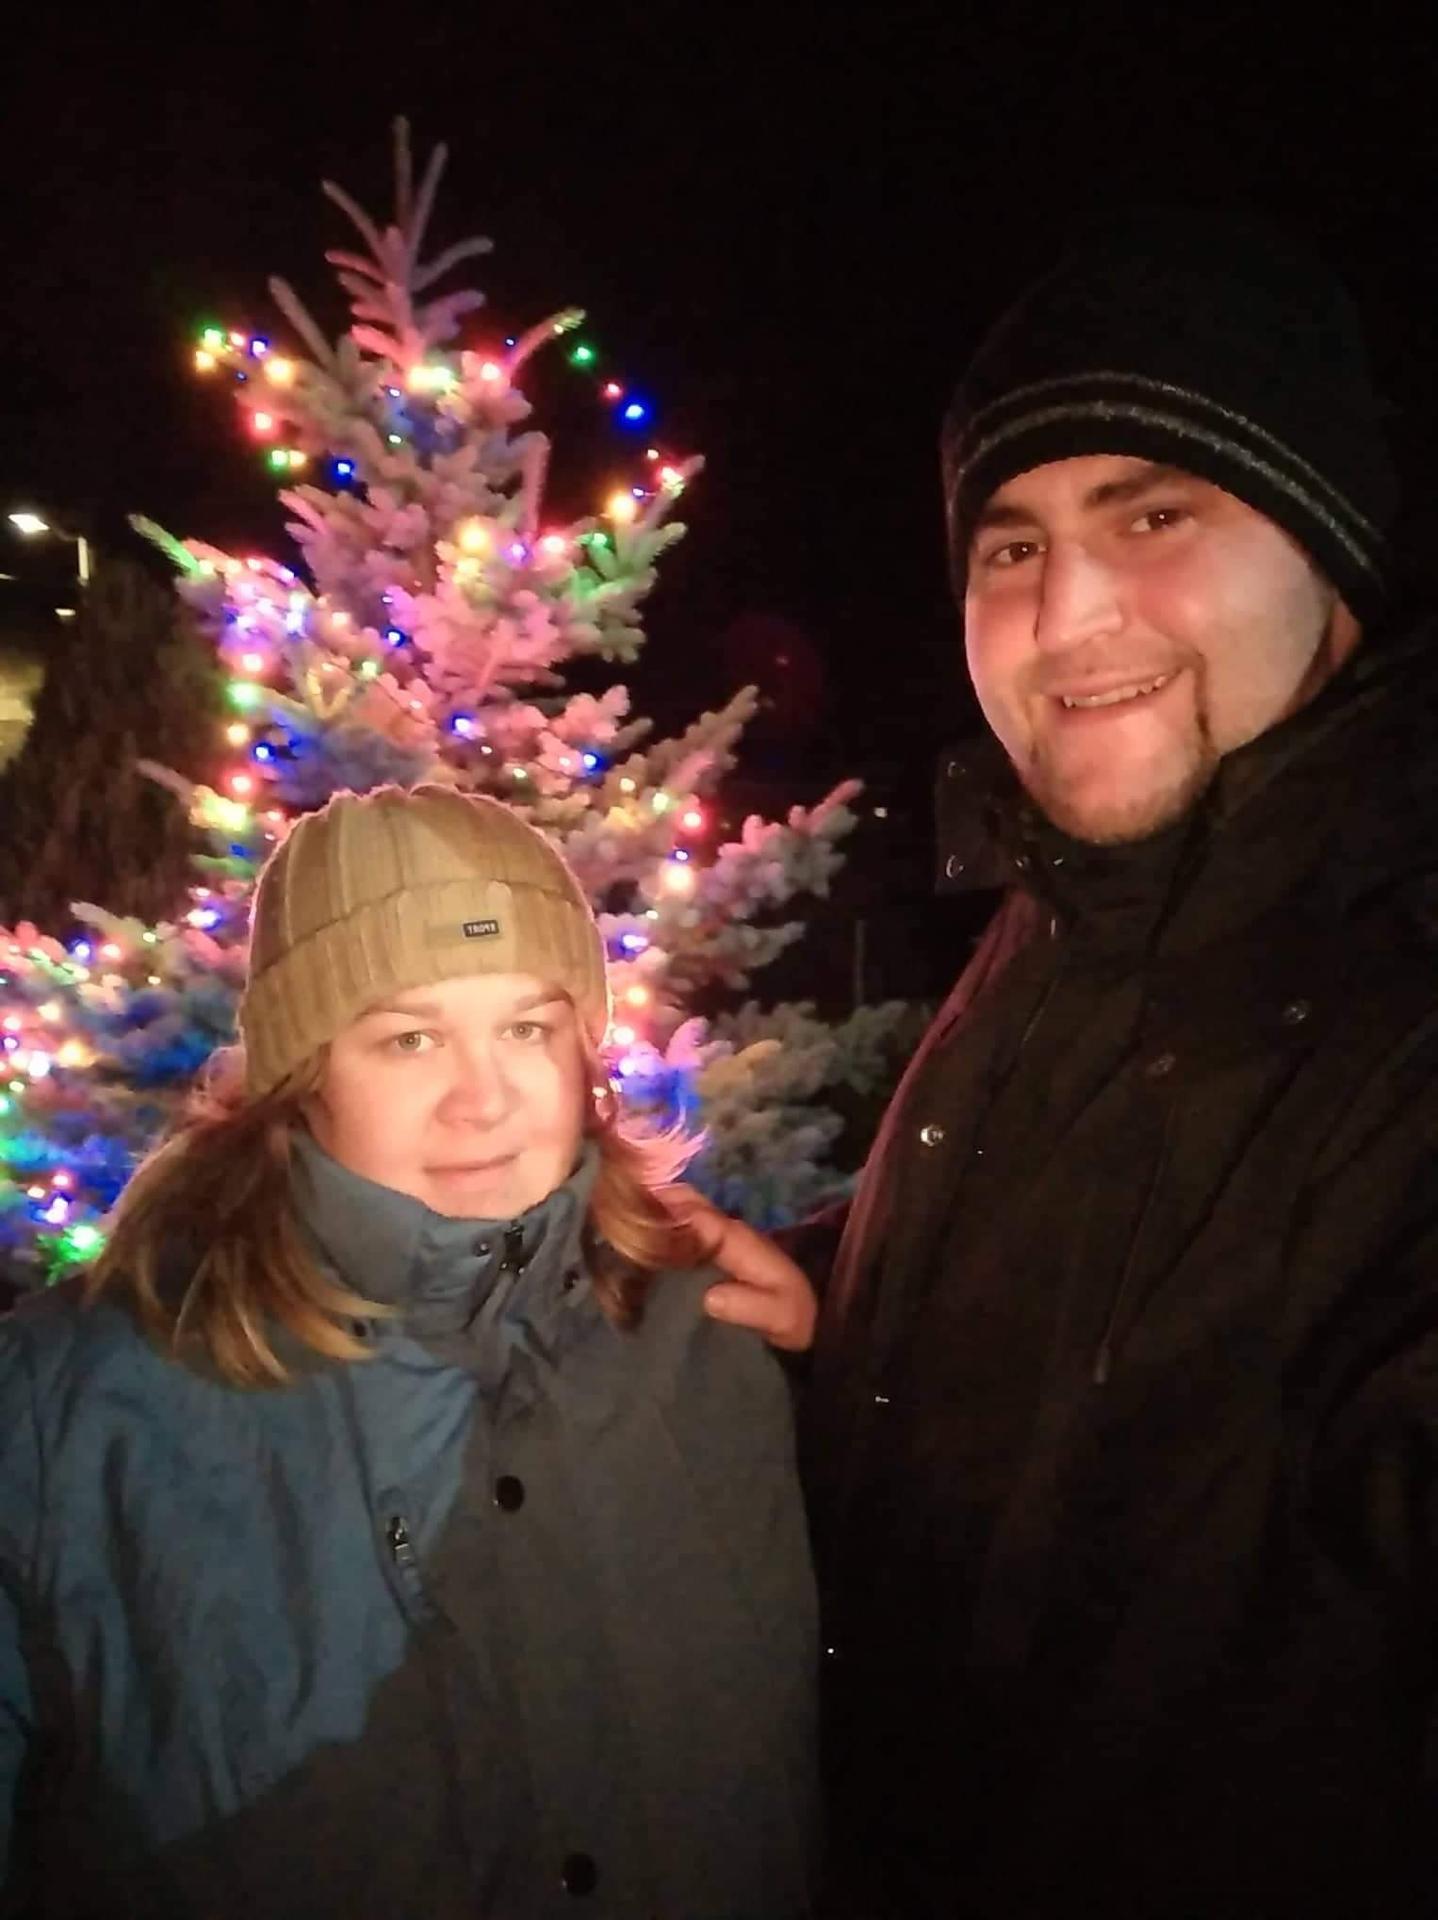 Přeji Vám všem krásný předvánoční čas ☃️❄️ My máme naše první a zároveň poslední Vánoce ve dvou ❤️🤰👣 - Obrázek č. 1